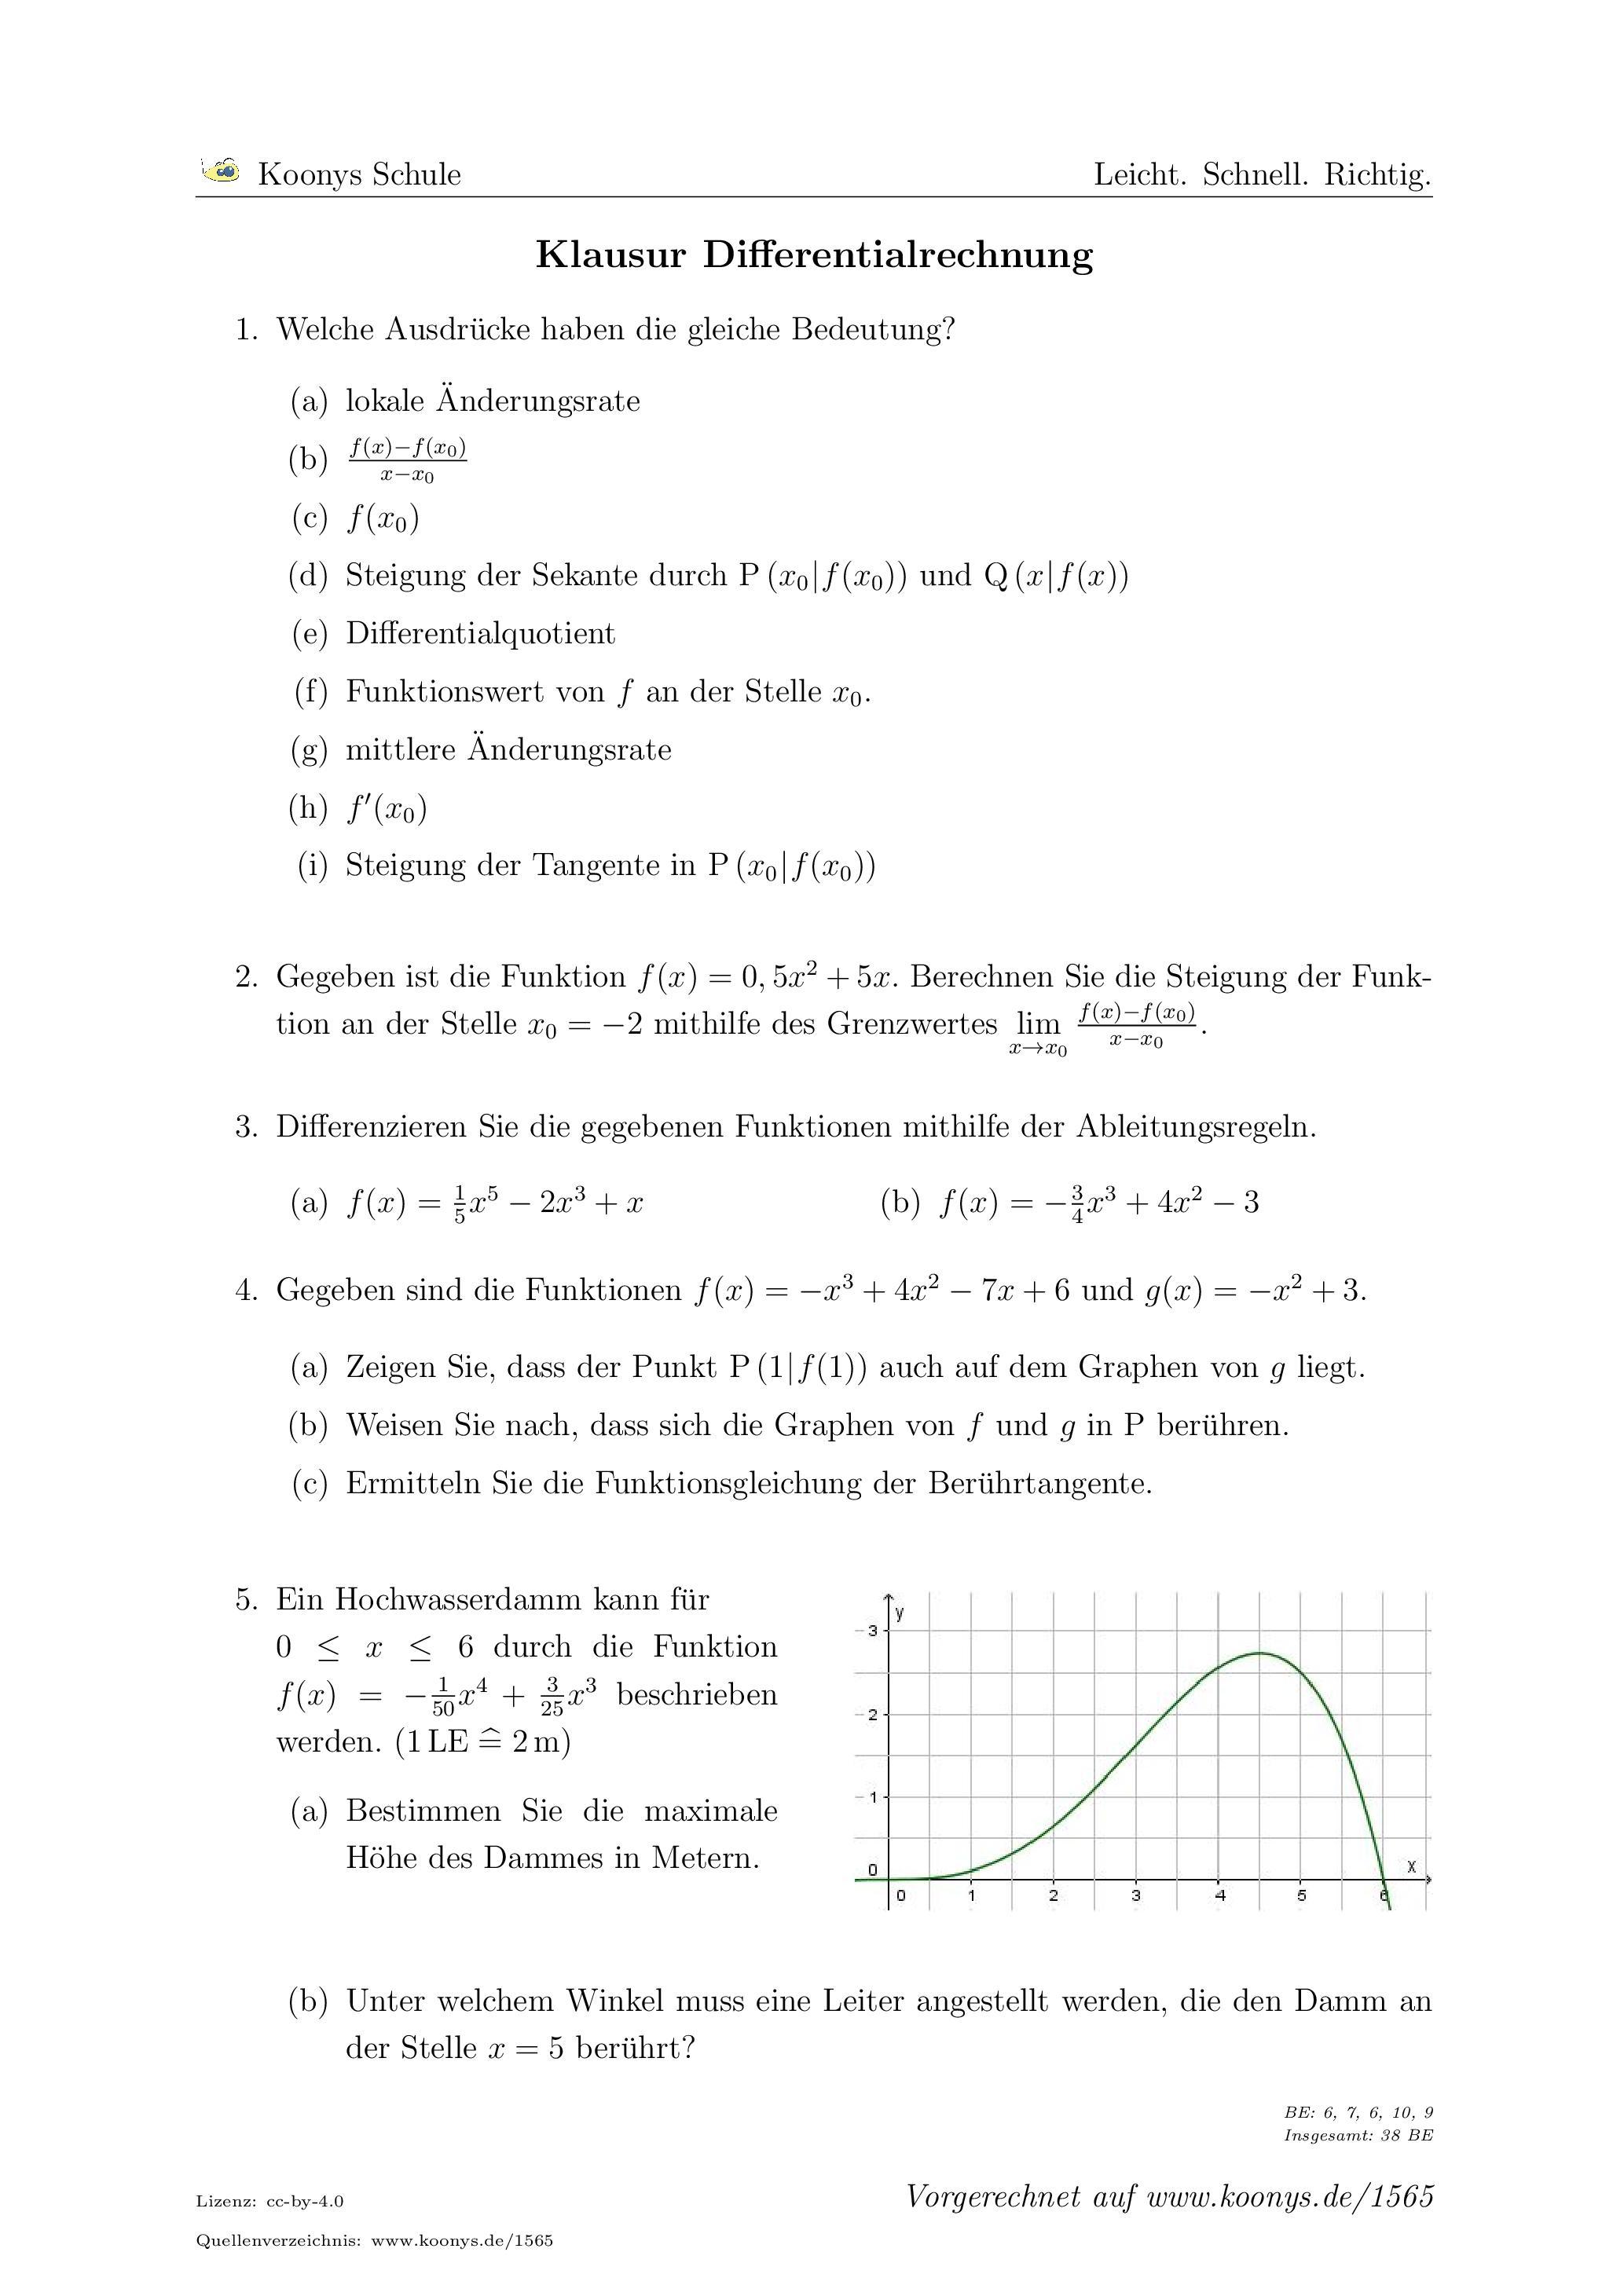 Ausgezeichnet Berühren Mathe Arbeitsblatt Generator Bilder - Super ...